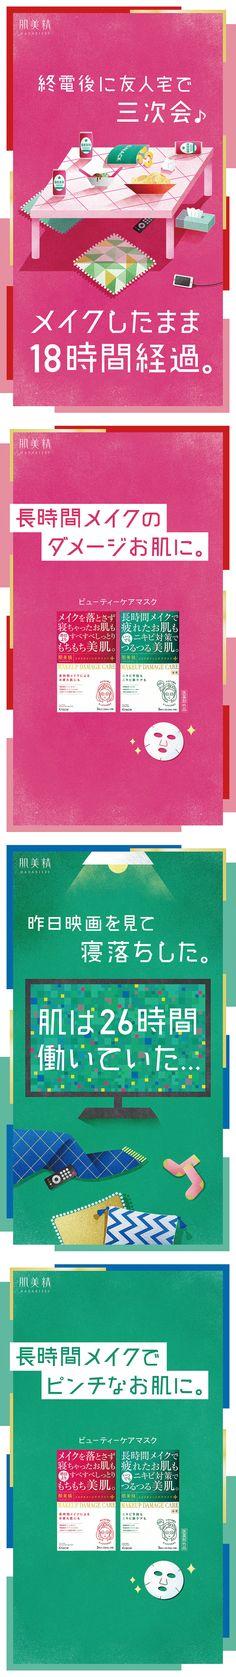 Beauty Care Mask |graphic / signage / banner / movie | 2018 | Eri Ishihara